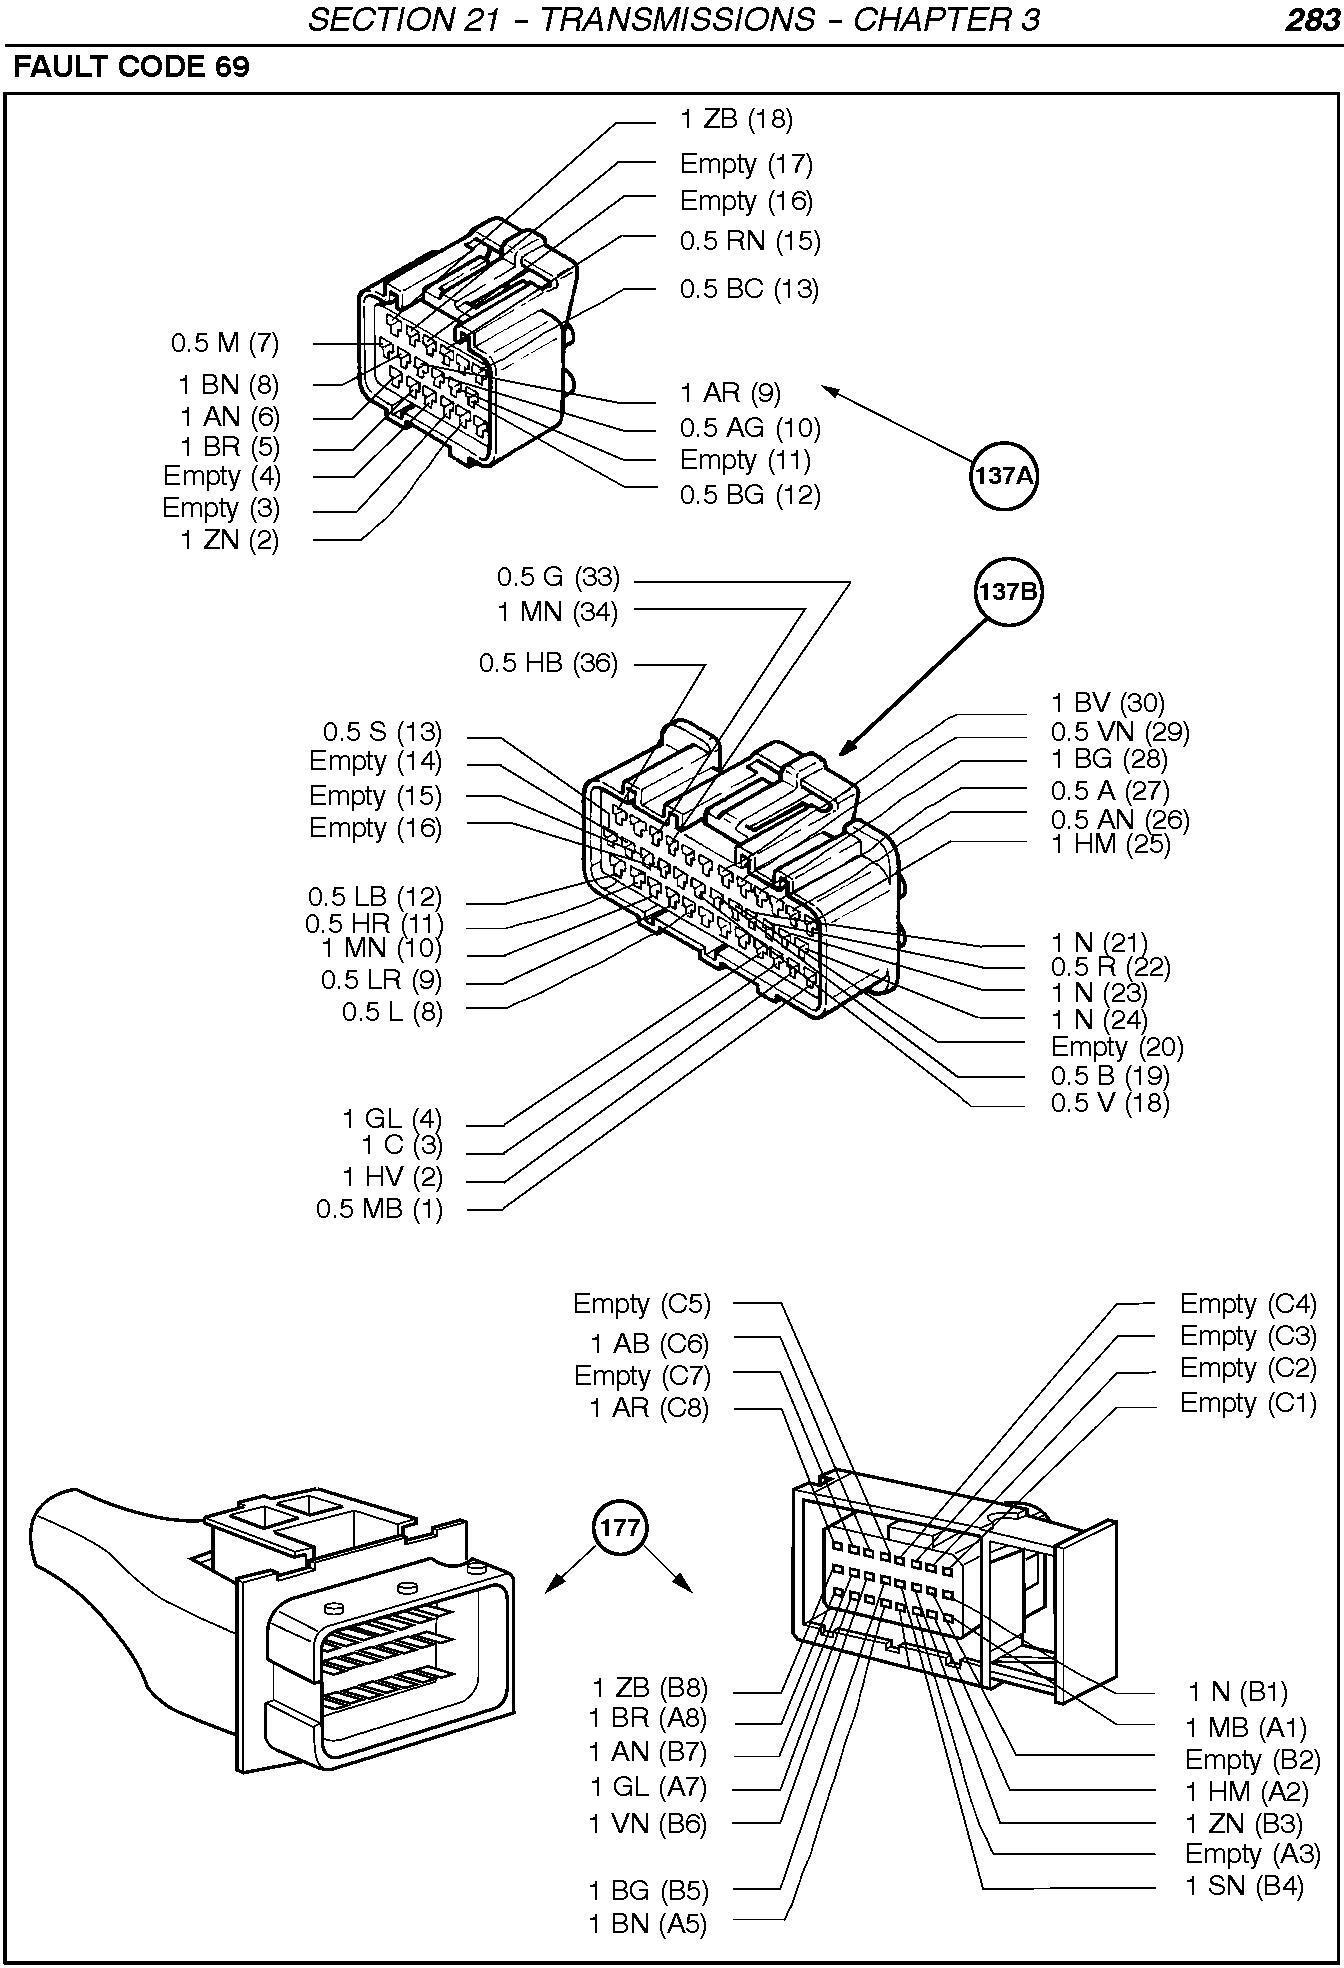 New Holland TN60DA, TN60SA , TN70DA, TN70SA, TN75DA, TM75SA, TN85DA, TN95DA Tractor Service Manual - 3